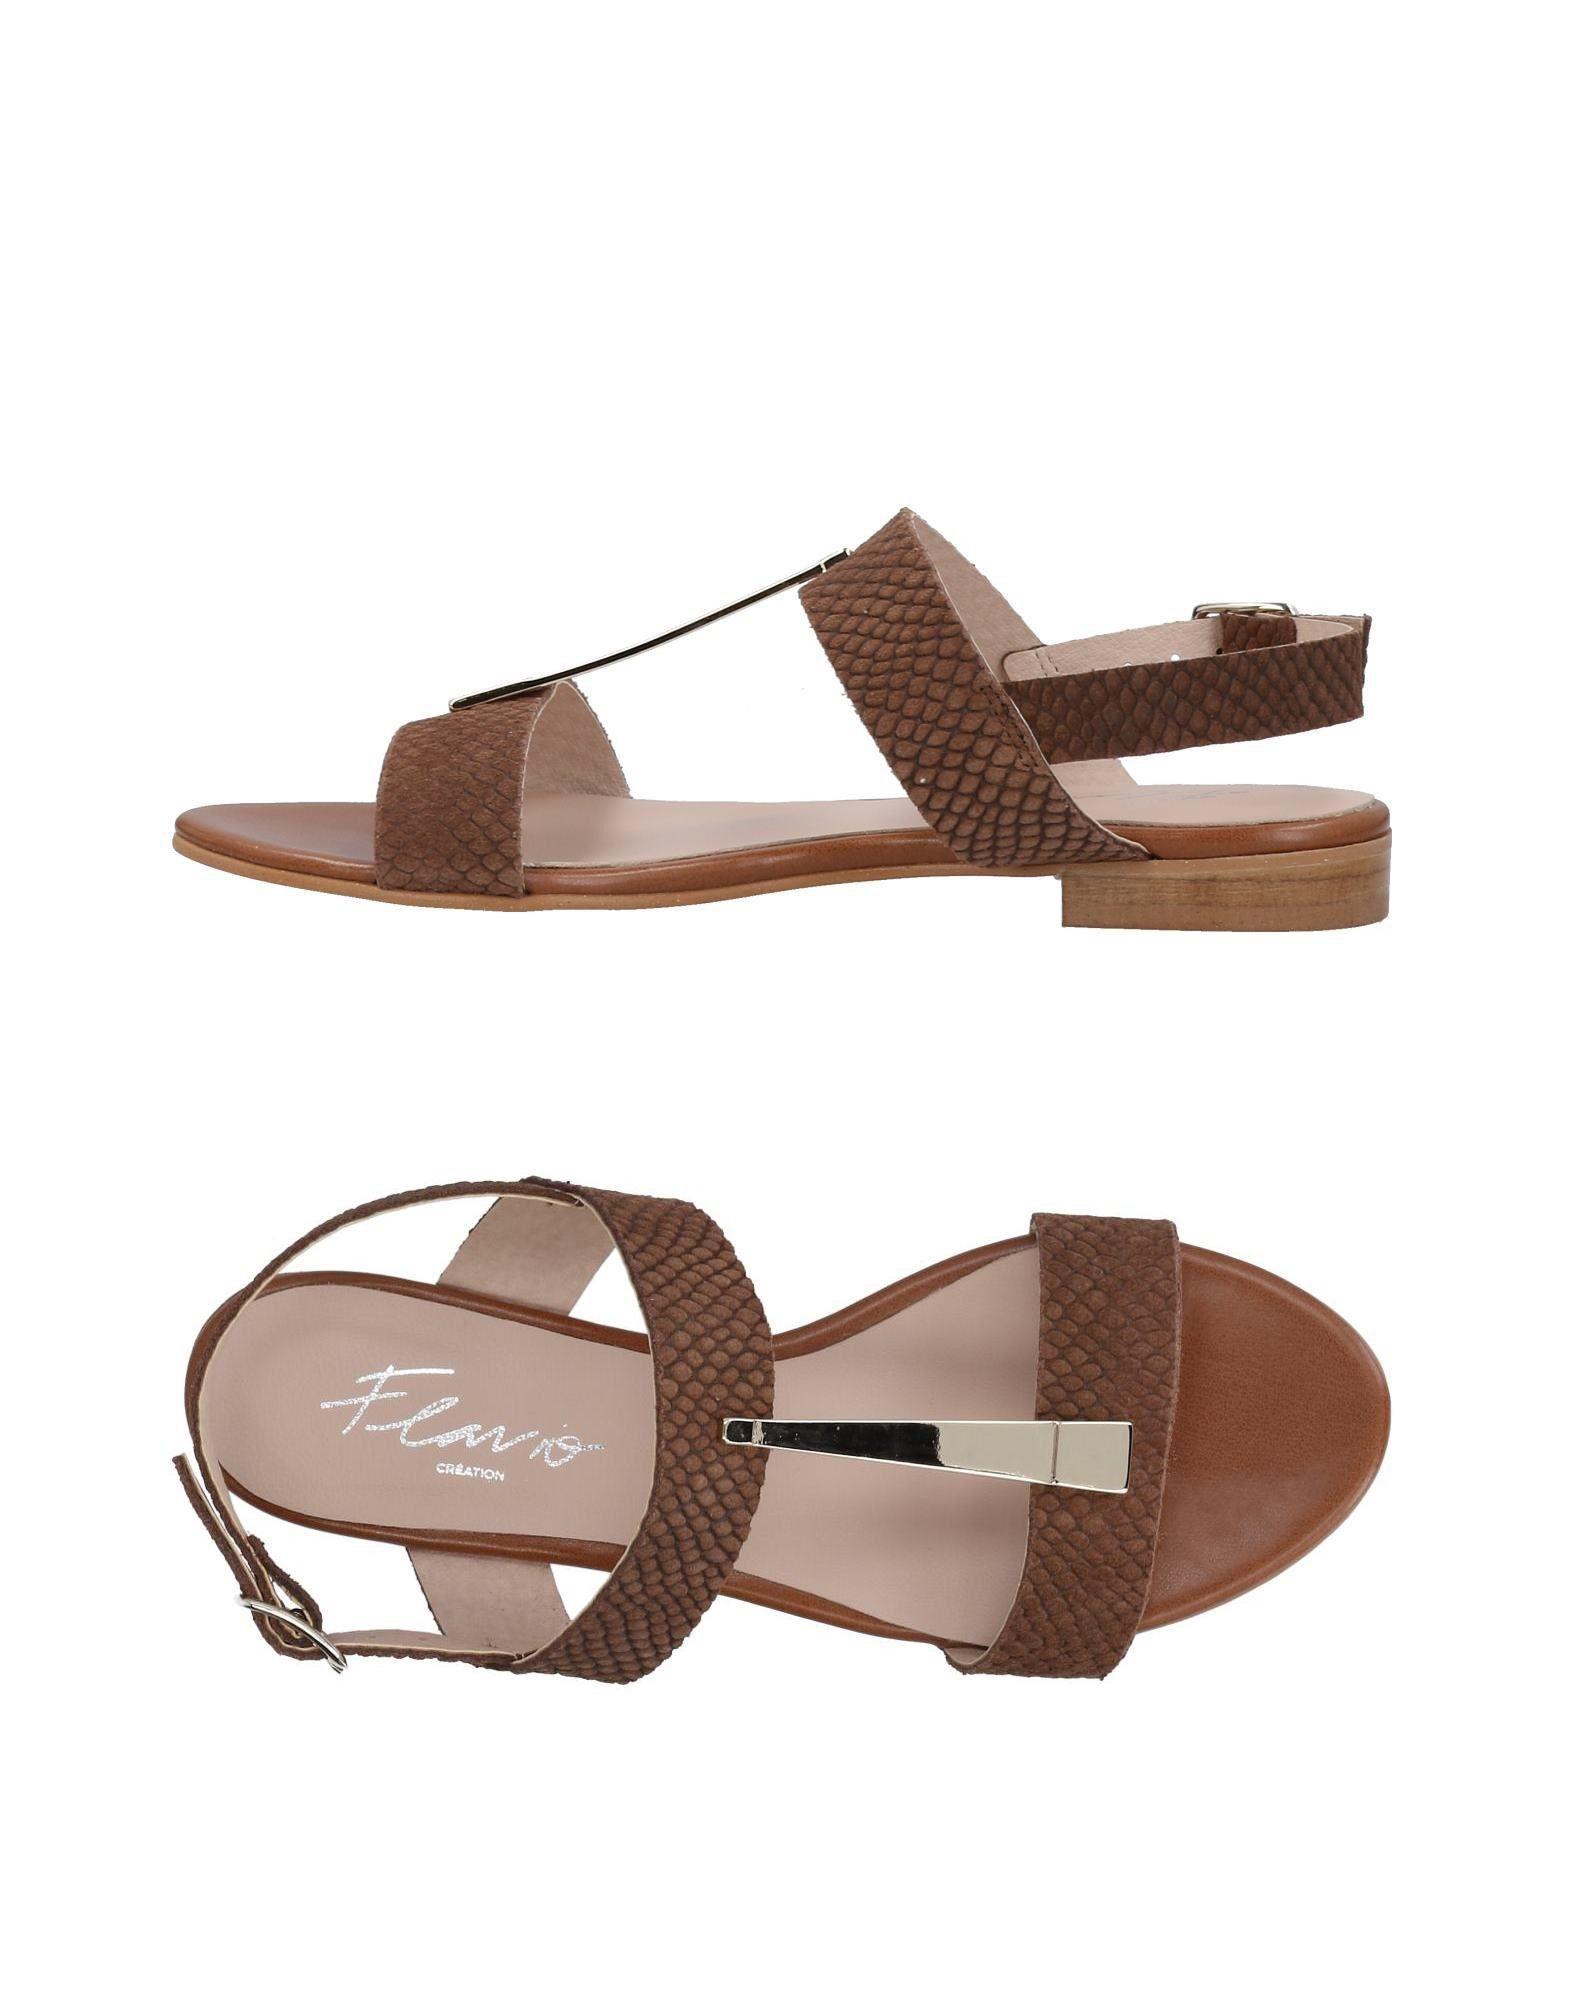 Flavio Creation Sandals Sandals - Women Flavio Creation Sandals Sandals online on  Australia - 11453709KO cb1c59